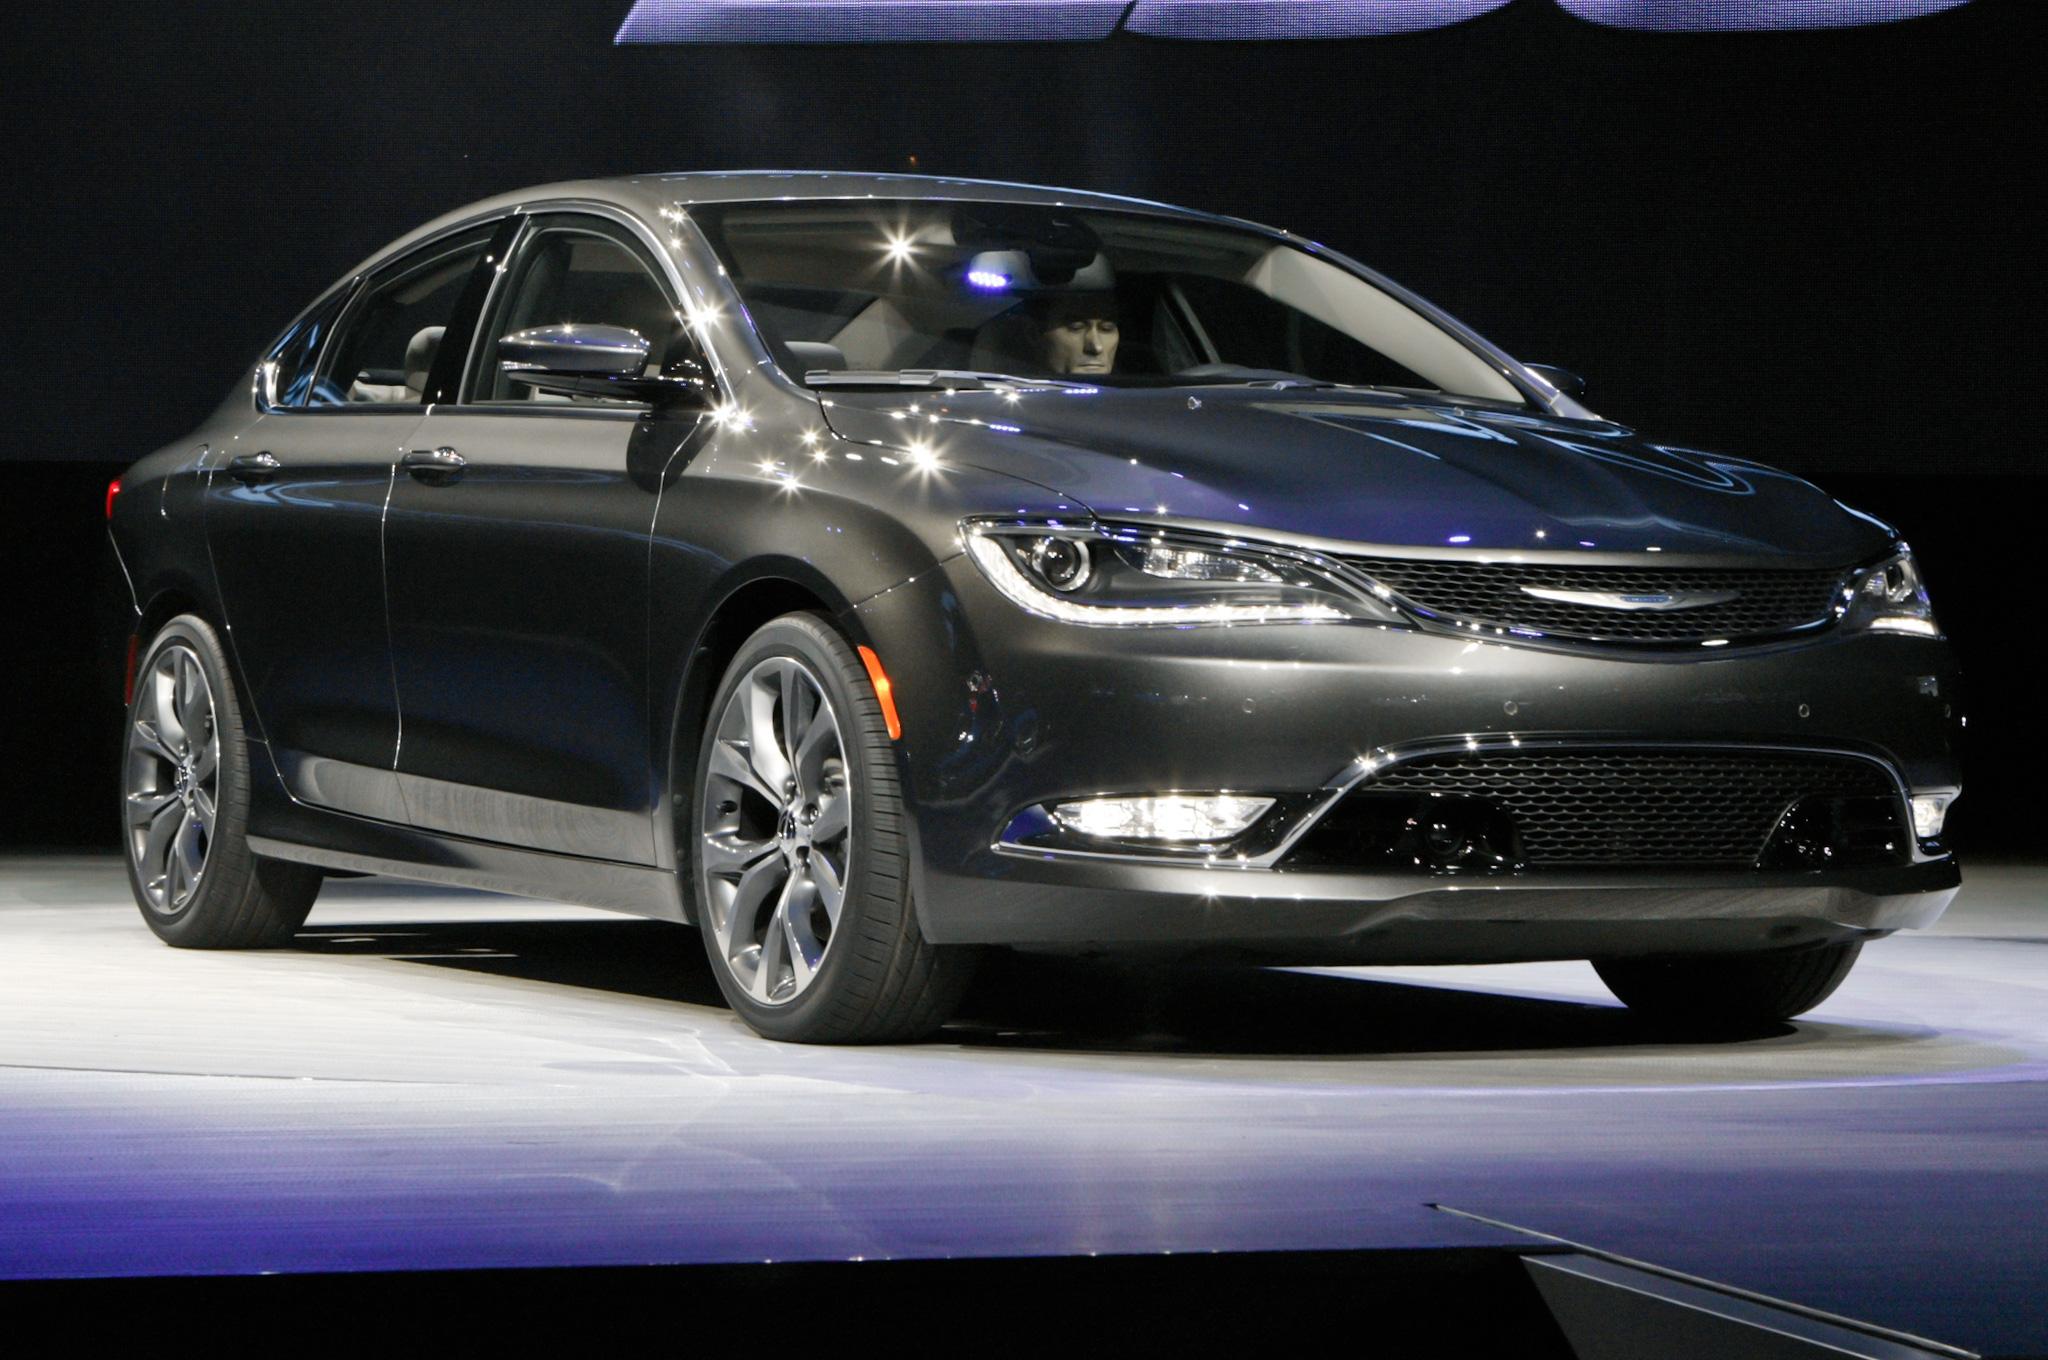 2015 Chrysler 200 Auto Show